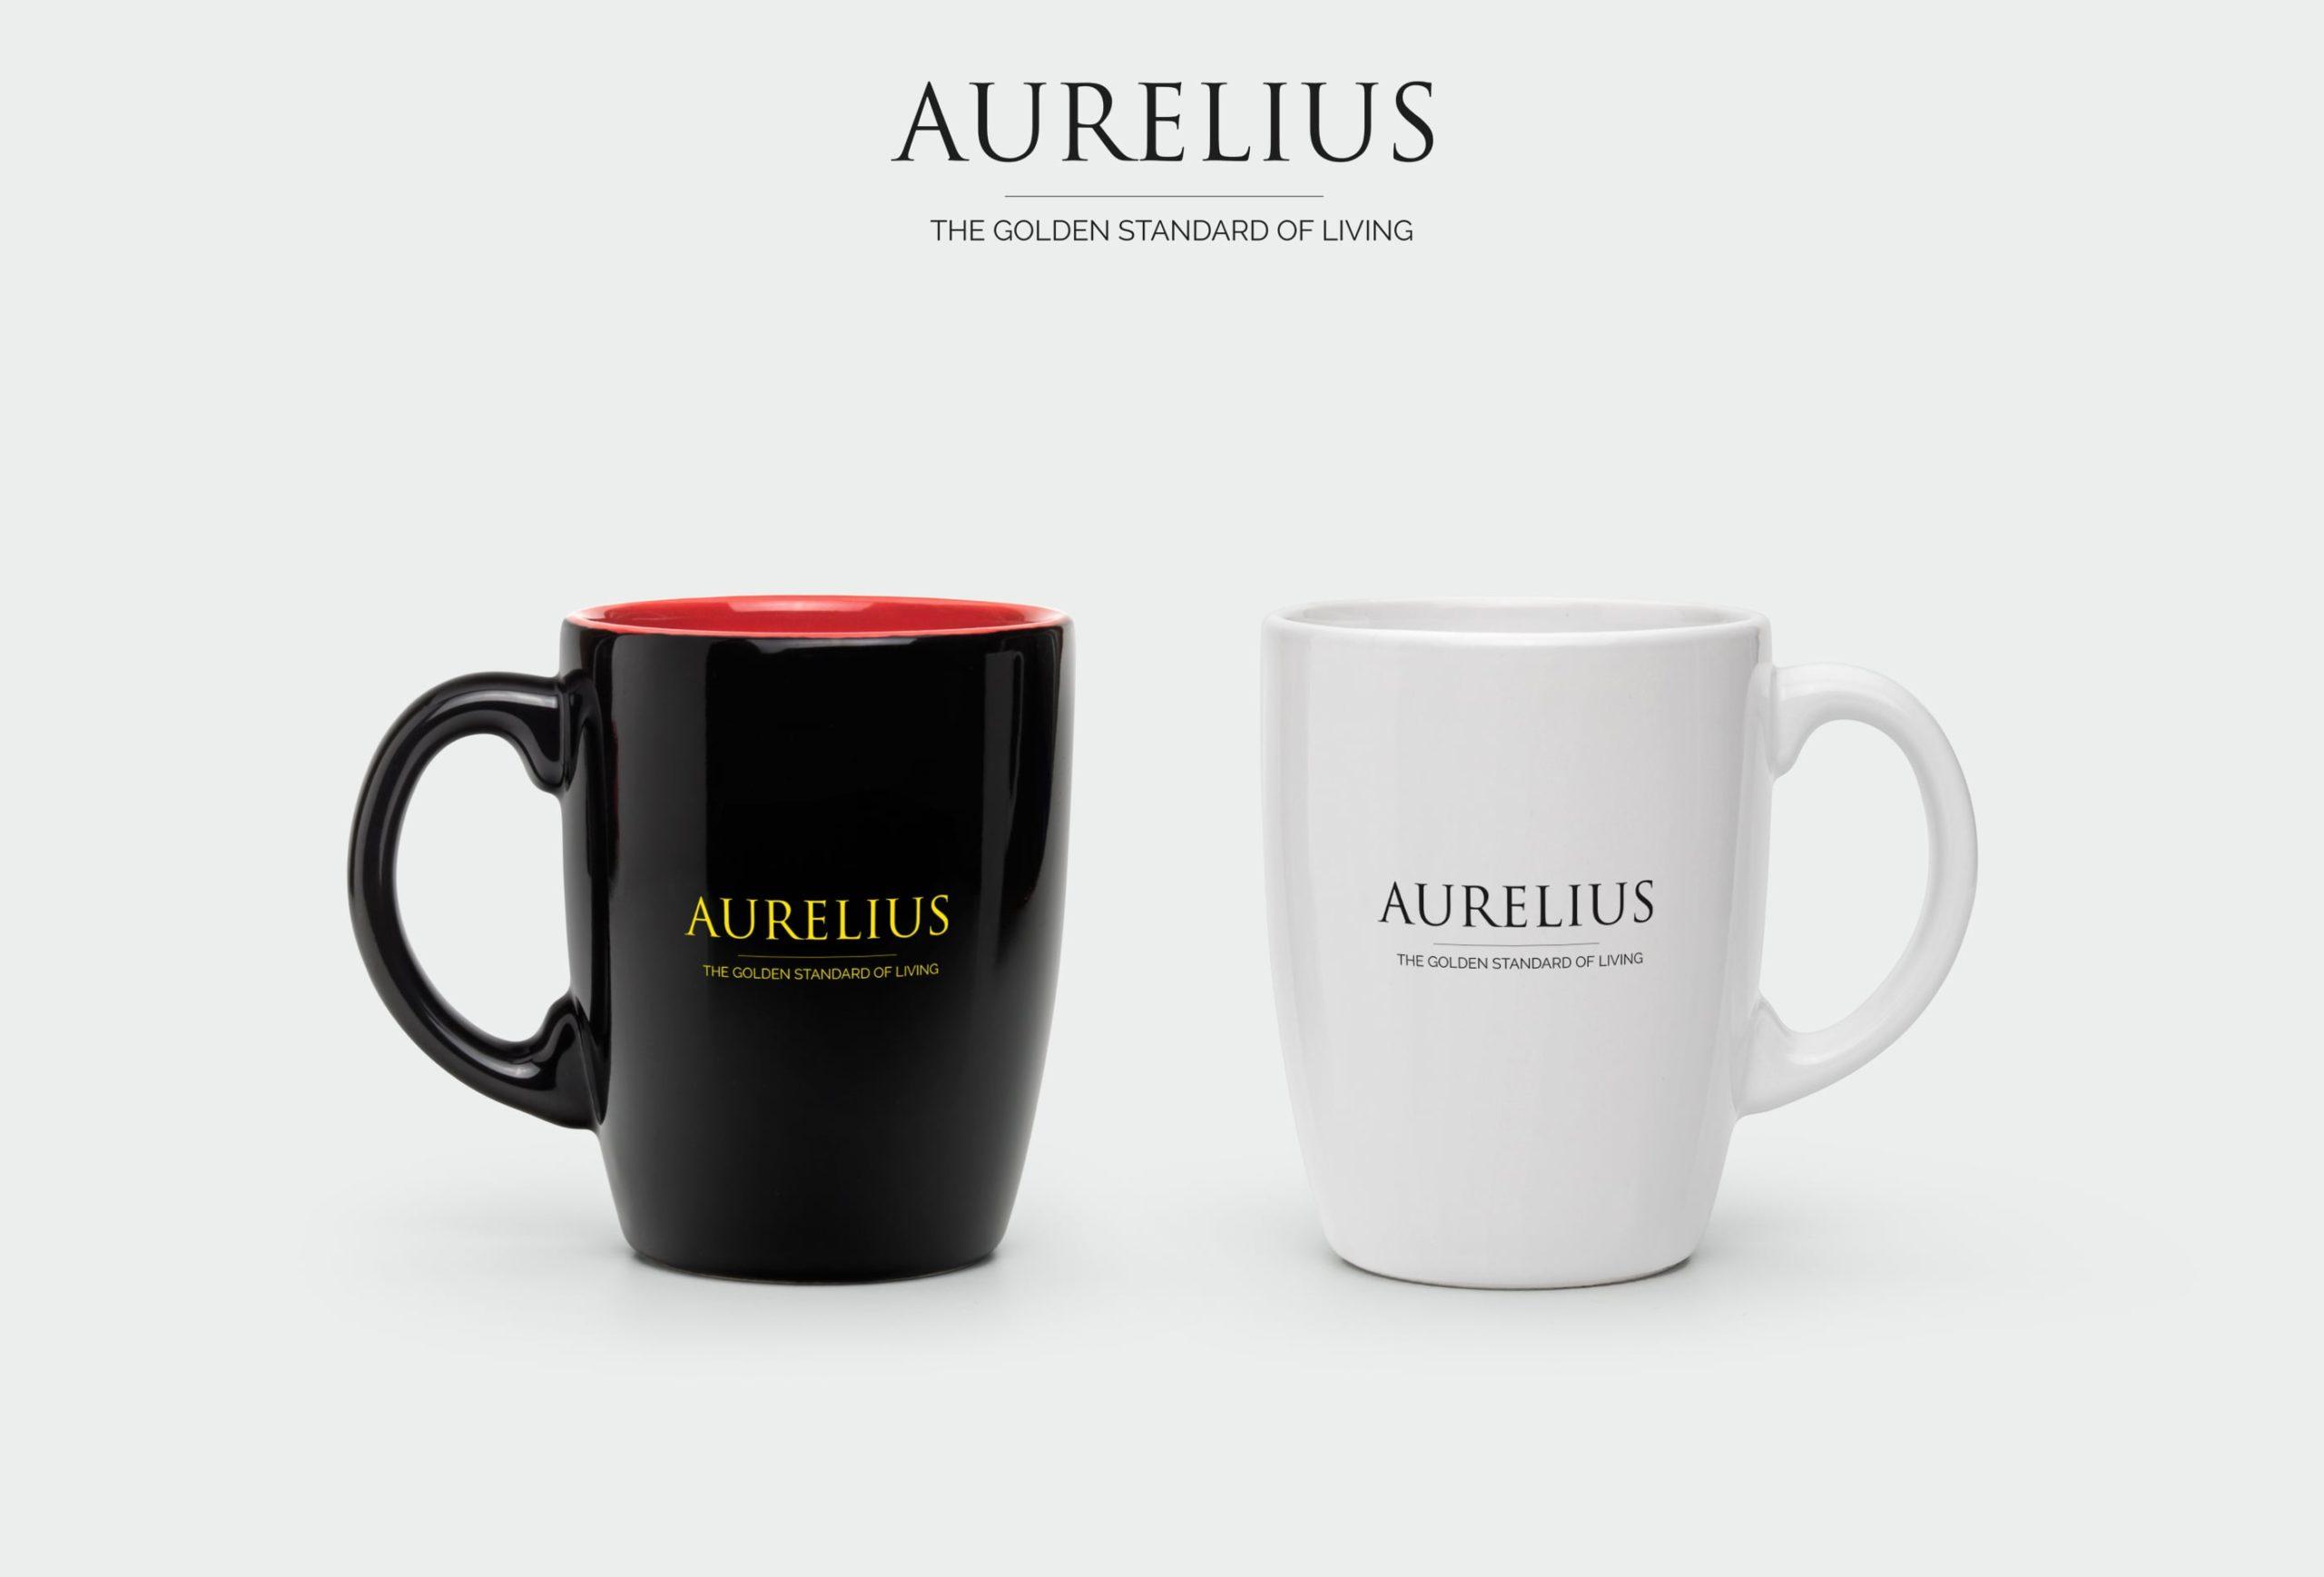 aurelius-real-estate-branding-design-literature-3